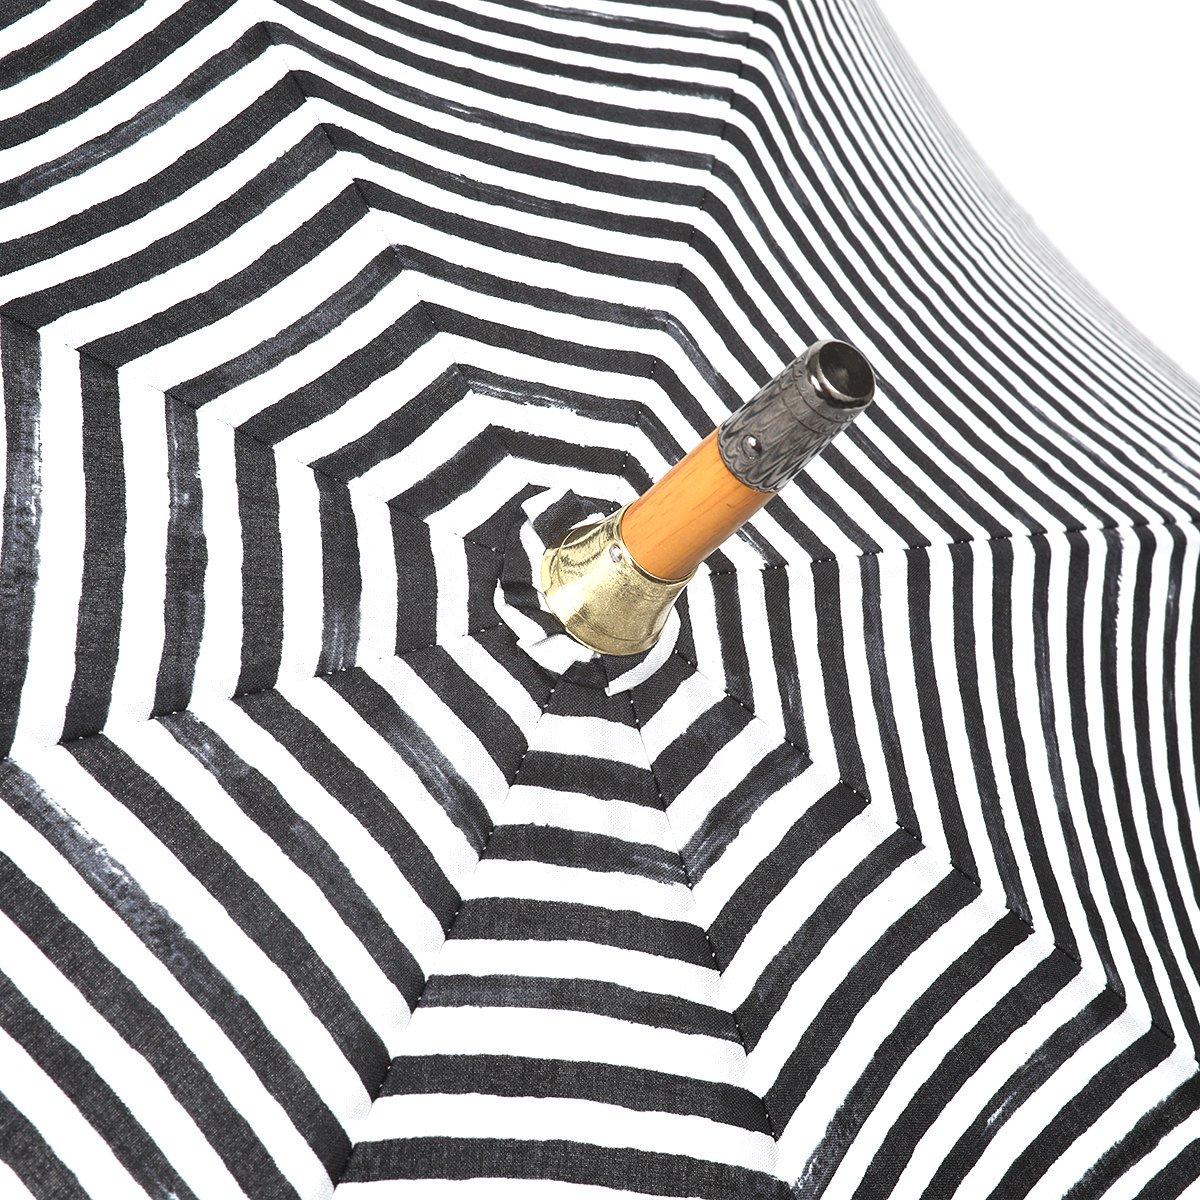 【晴雨兼用傘】レディース 手書き風 ボーダー柄 長傘 詳細画像5